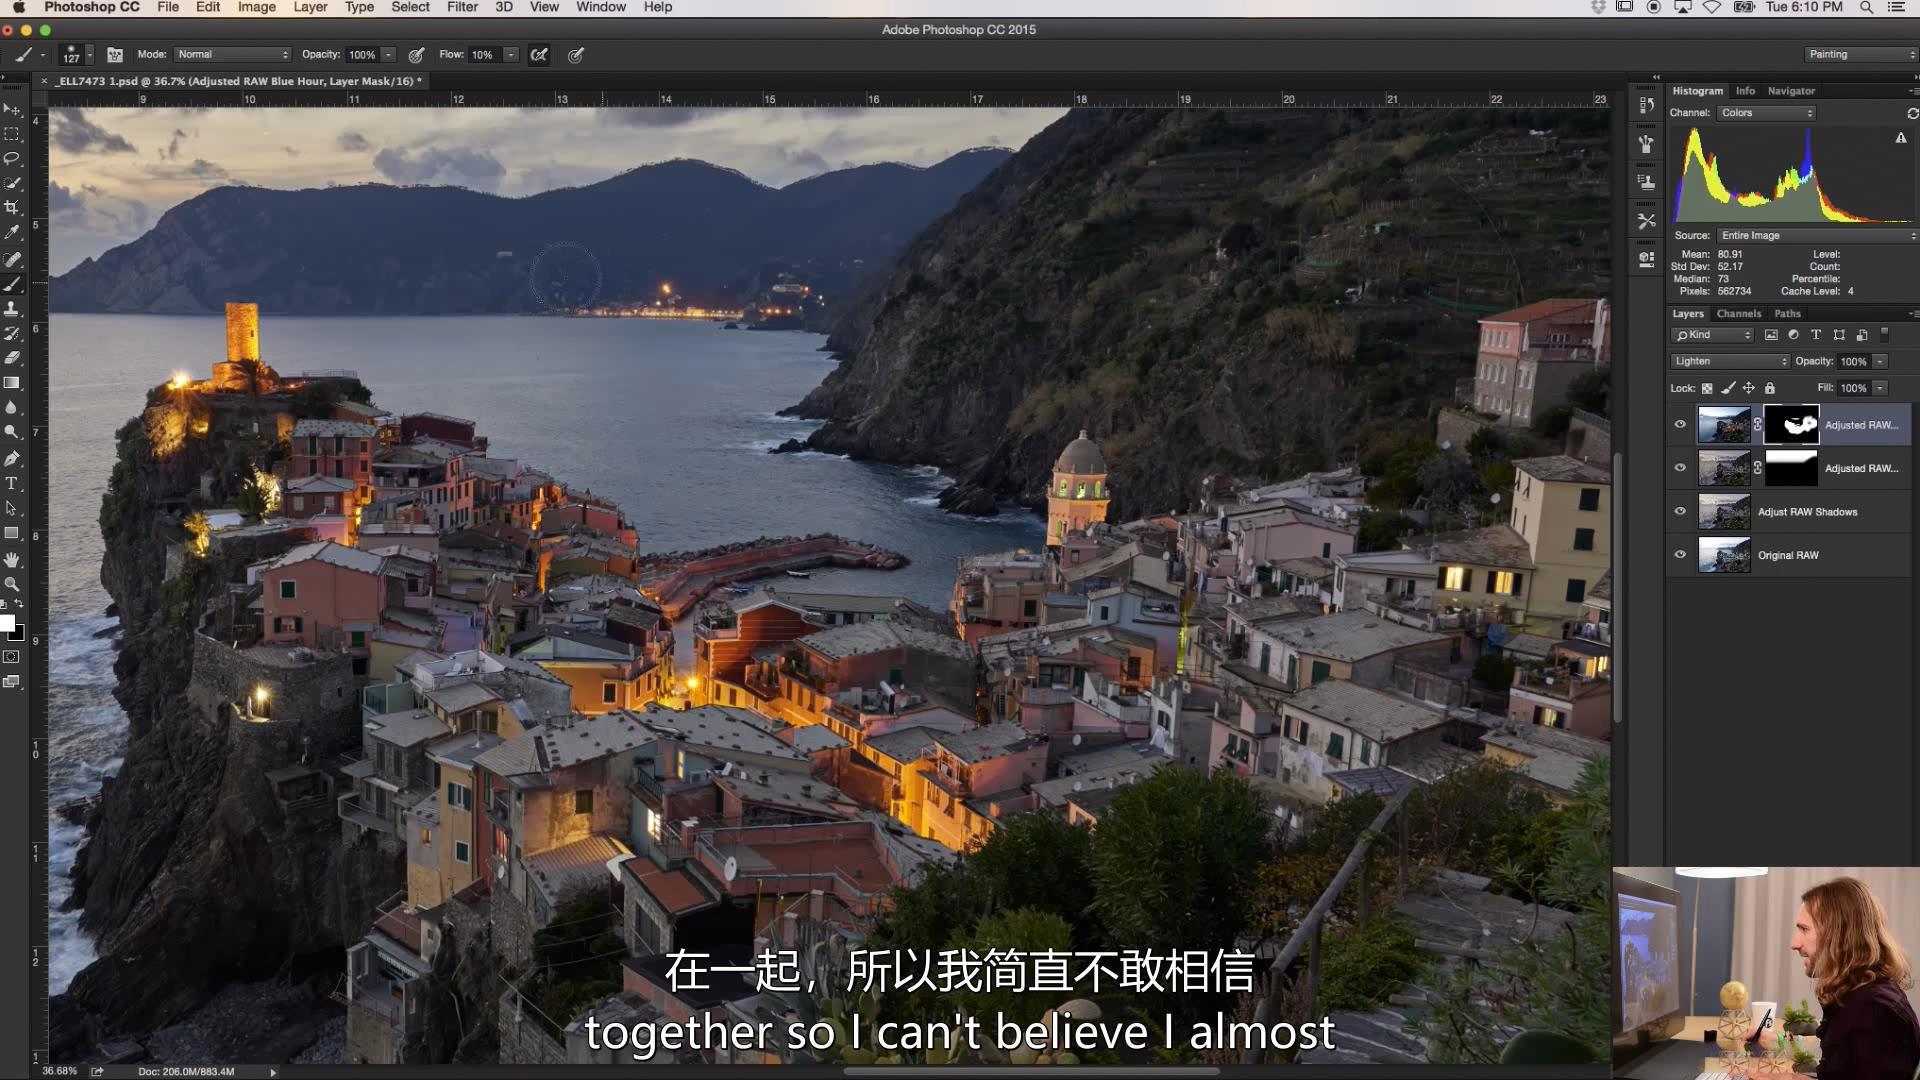 摄影教程_Fstoppers-Elia Locardi世界城市景观星轨风光摄影及后期-中英字幕 摄影教程 _预览图12